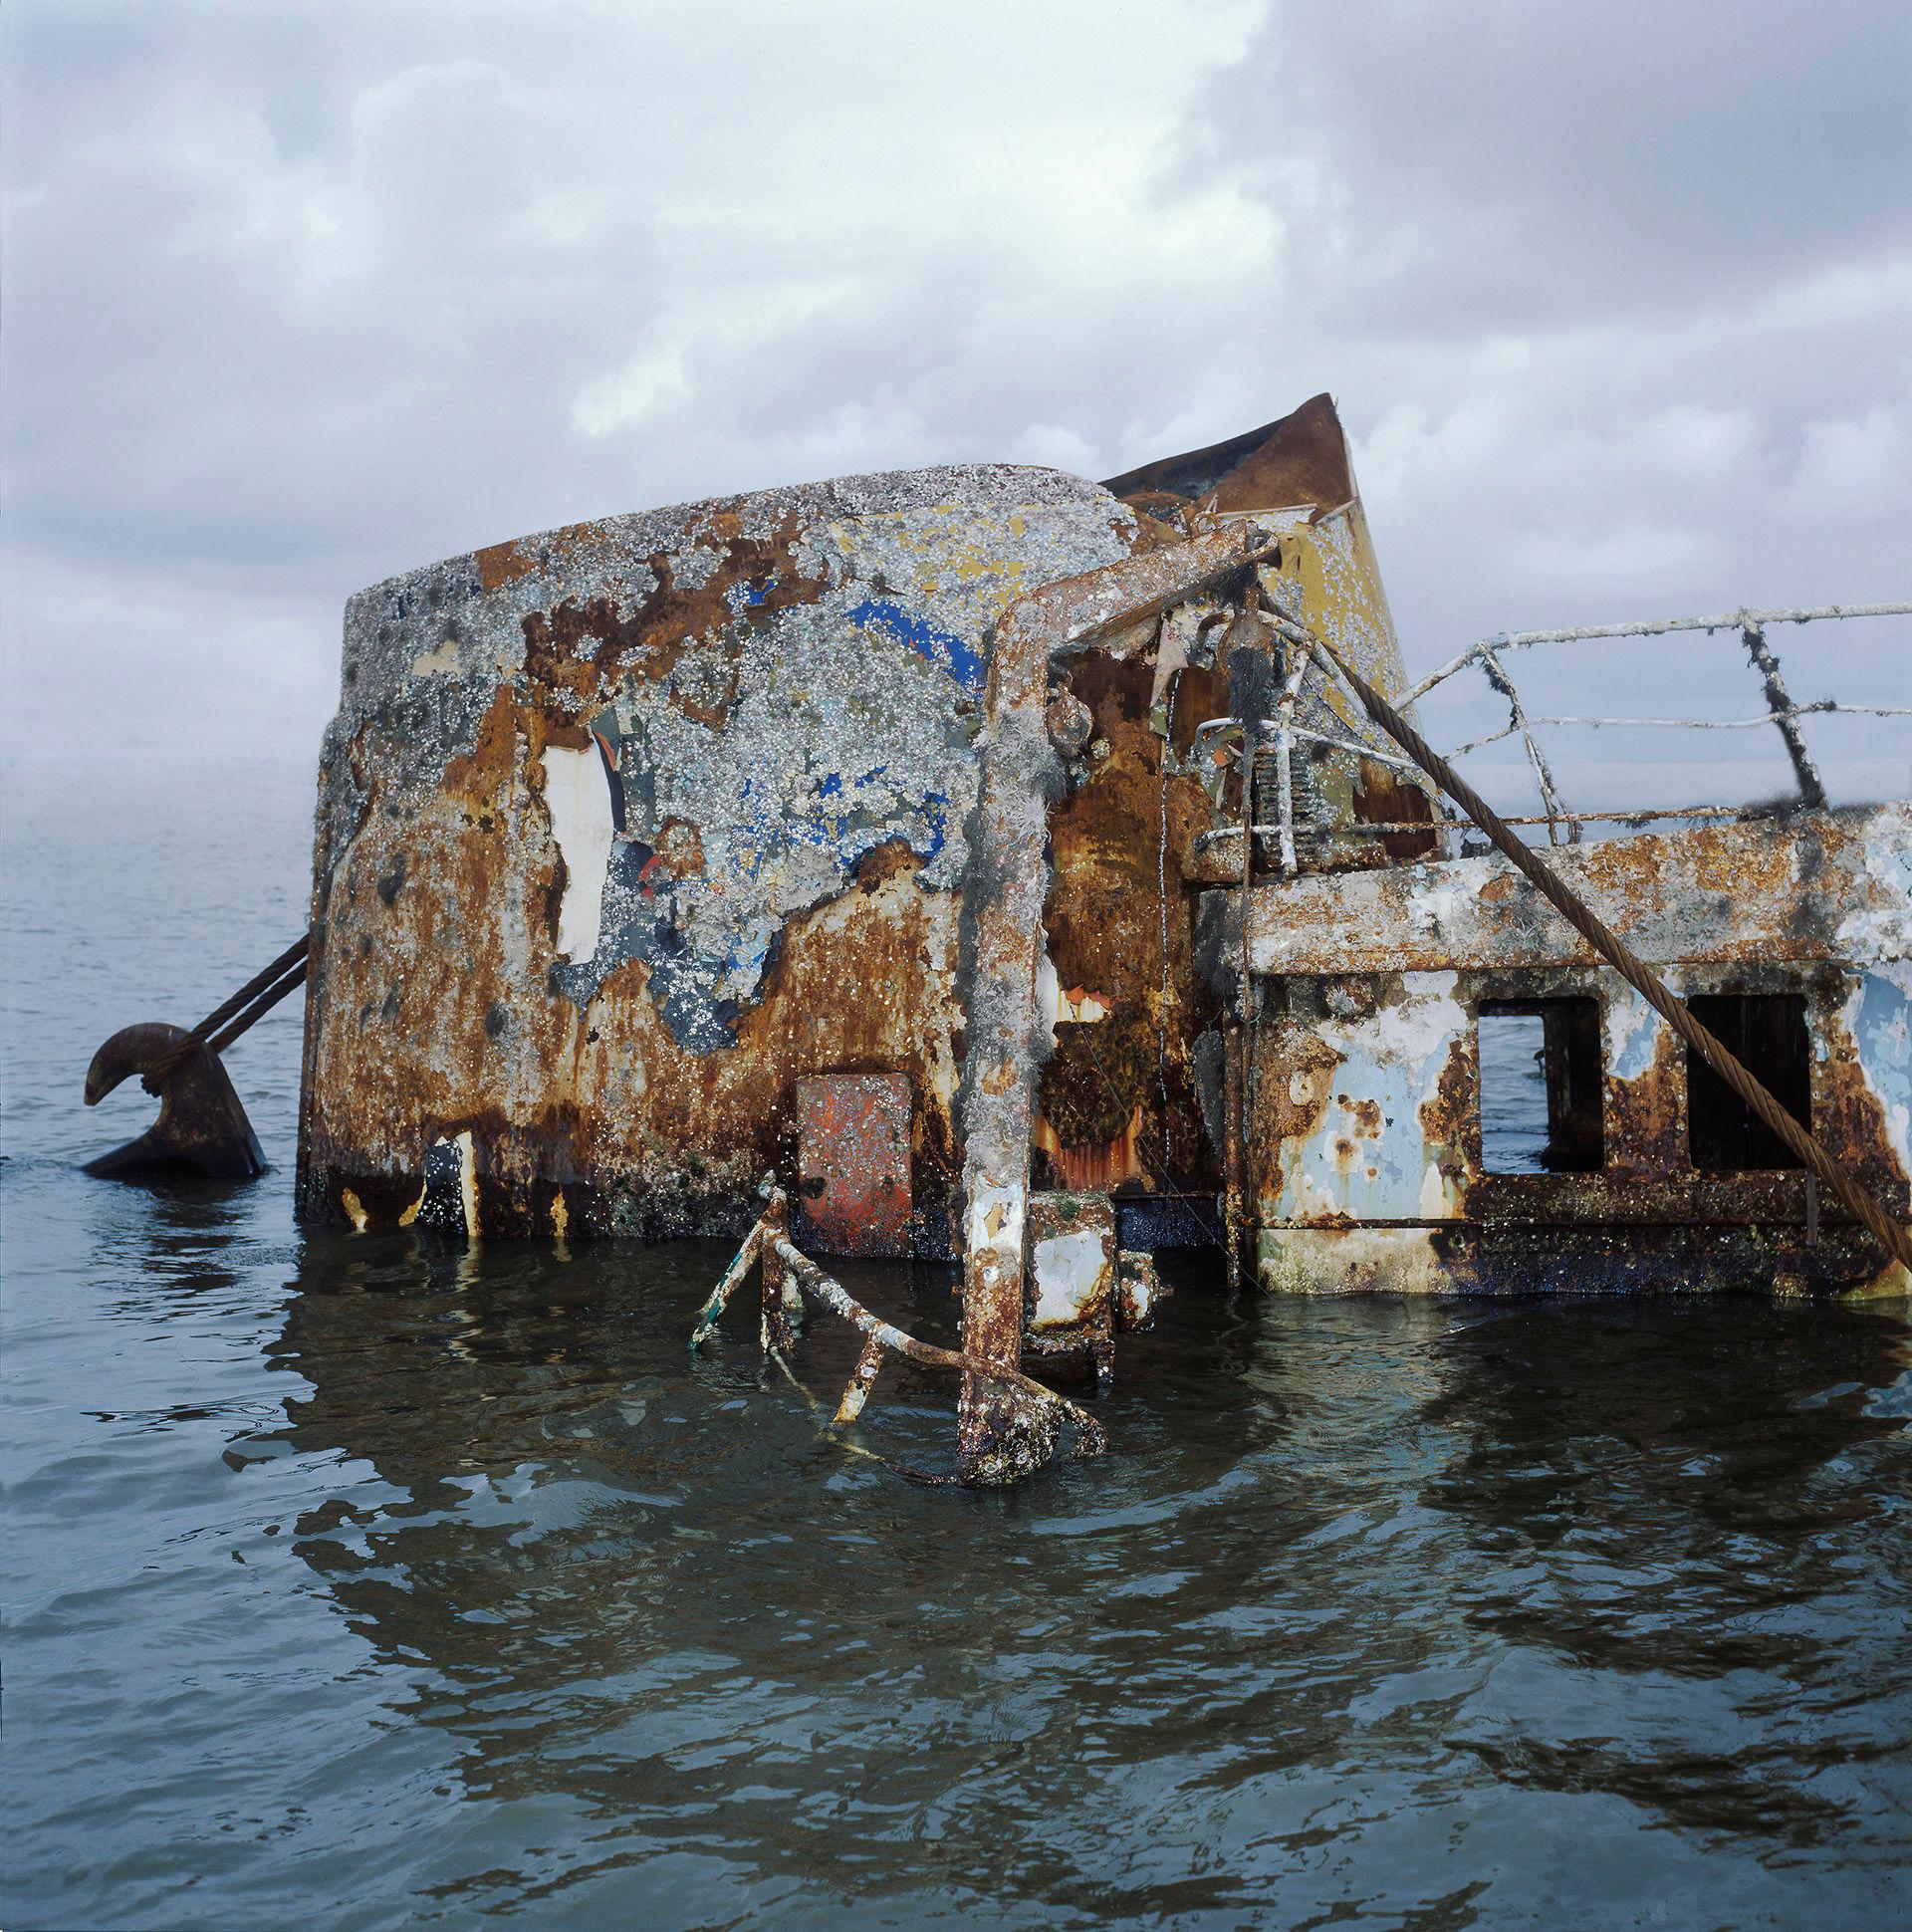 Blue Wreck #1, Lagos